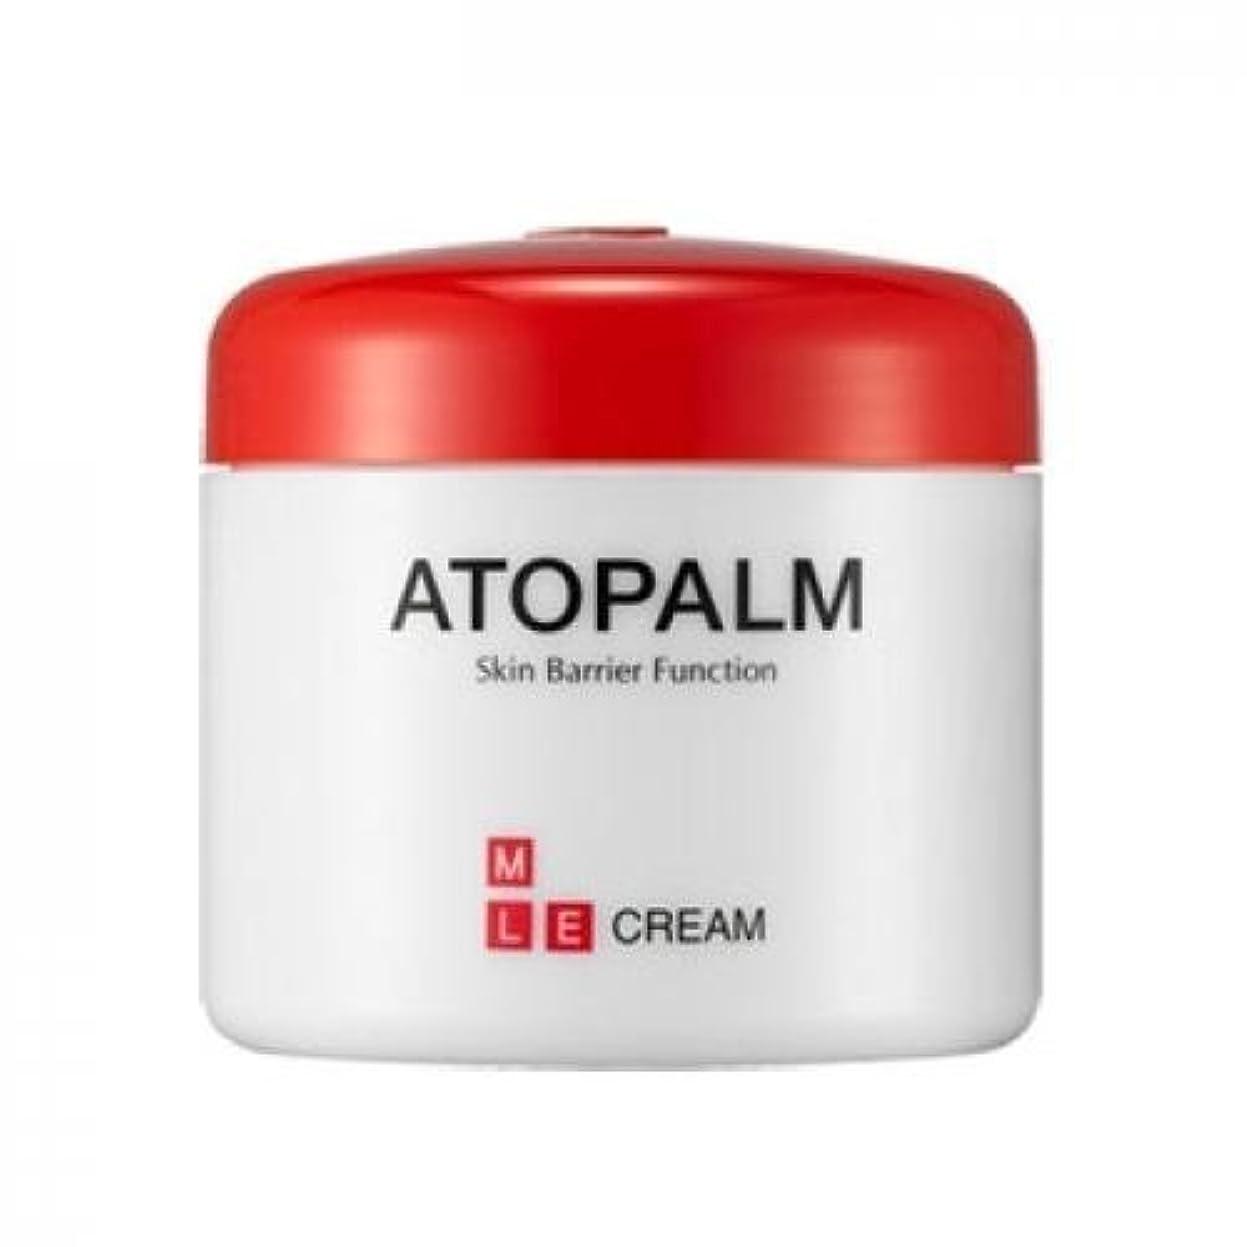 ブロックする最終効率的ATOPALM MLE Cream (160ml) (Korean original)